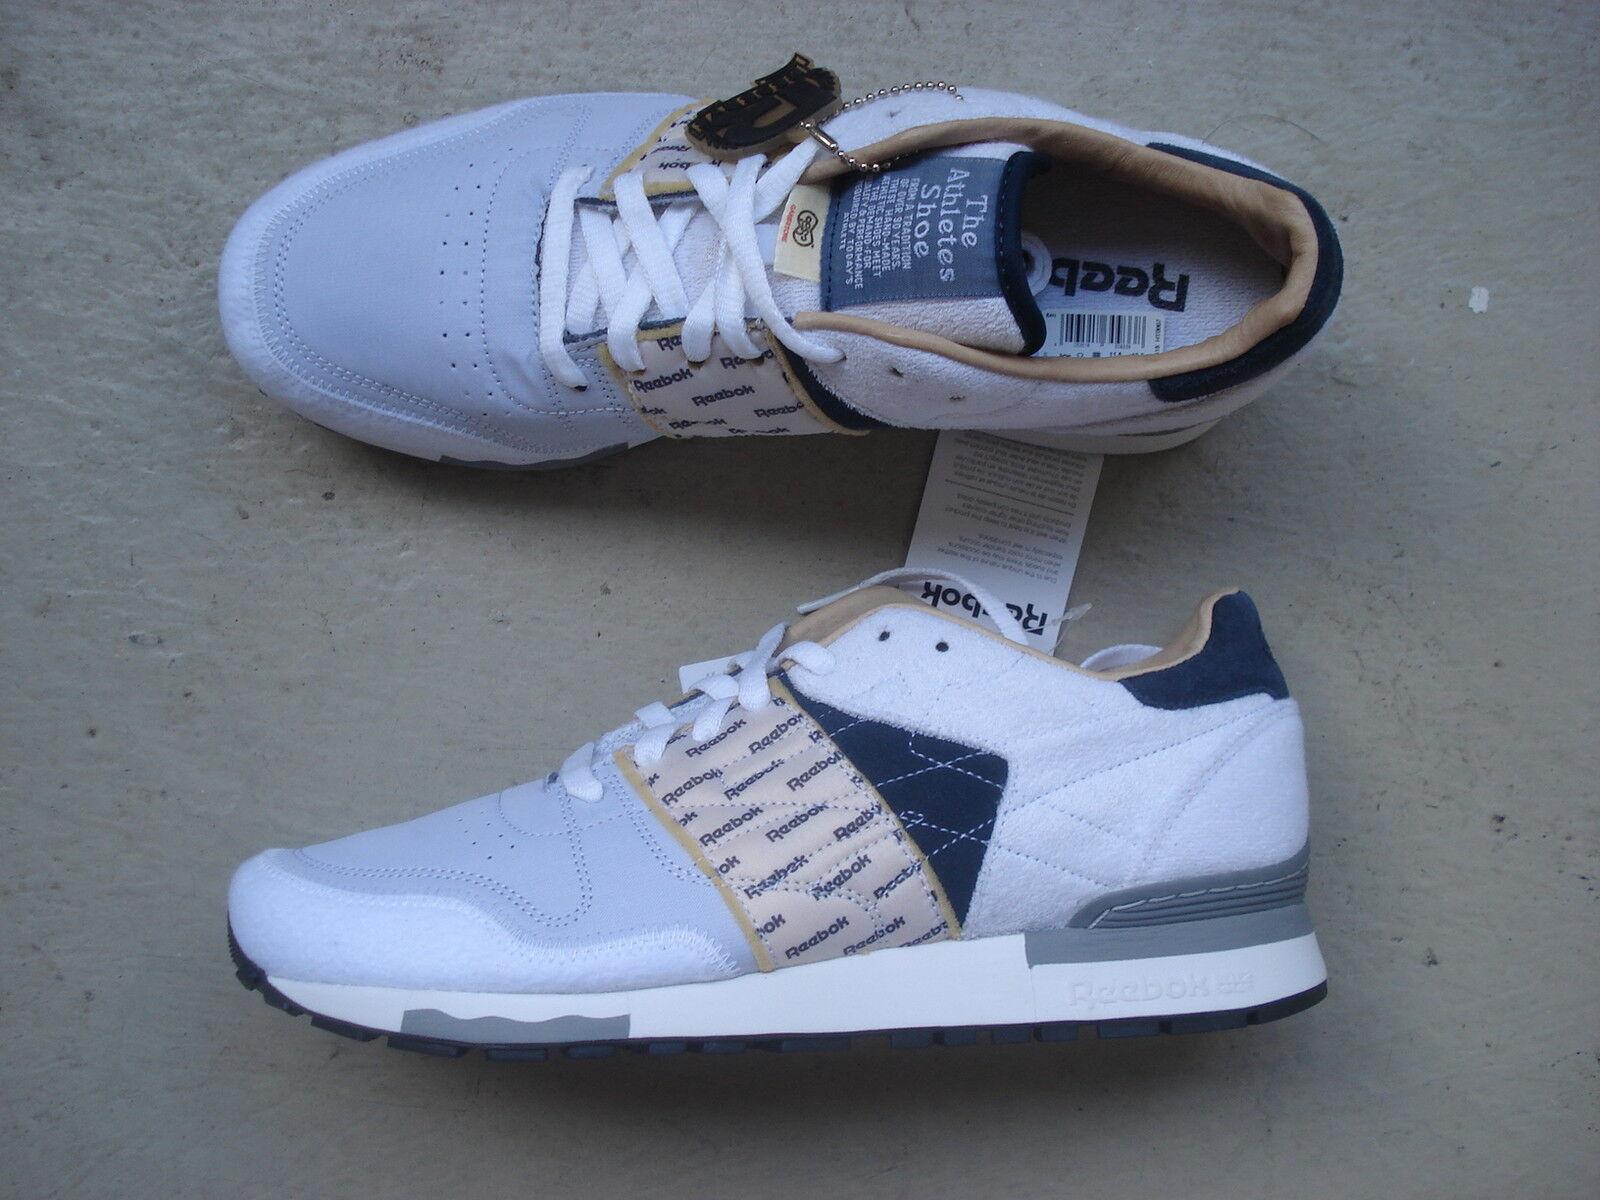 Nike DOWNSHIFTER 8 NERO 908984-001 Nero Nero 908984-001 mod. 908984-001 812c8a